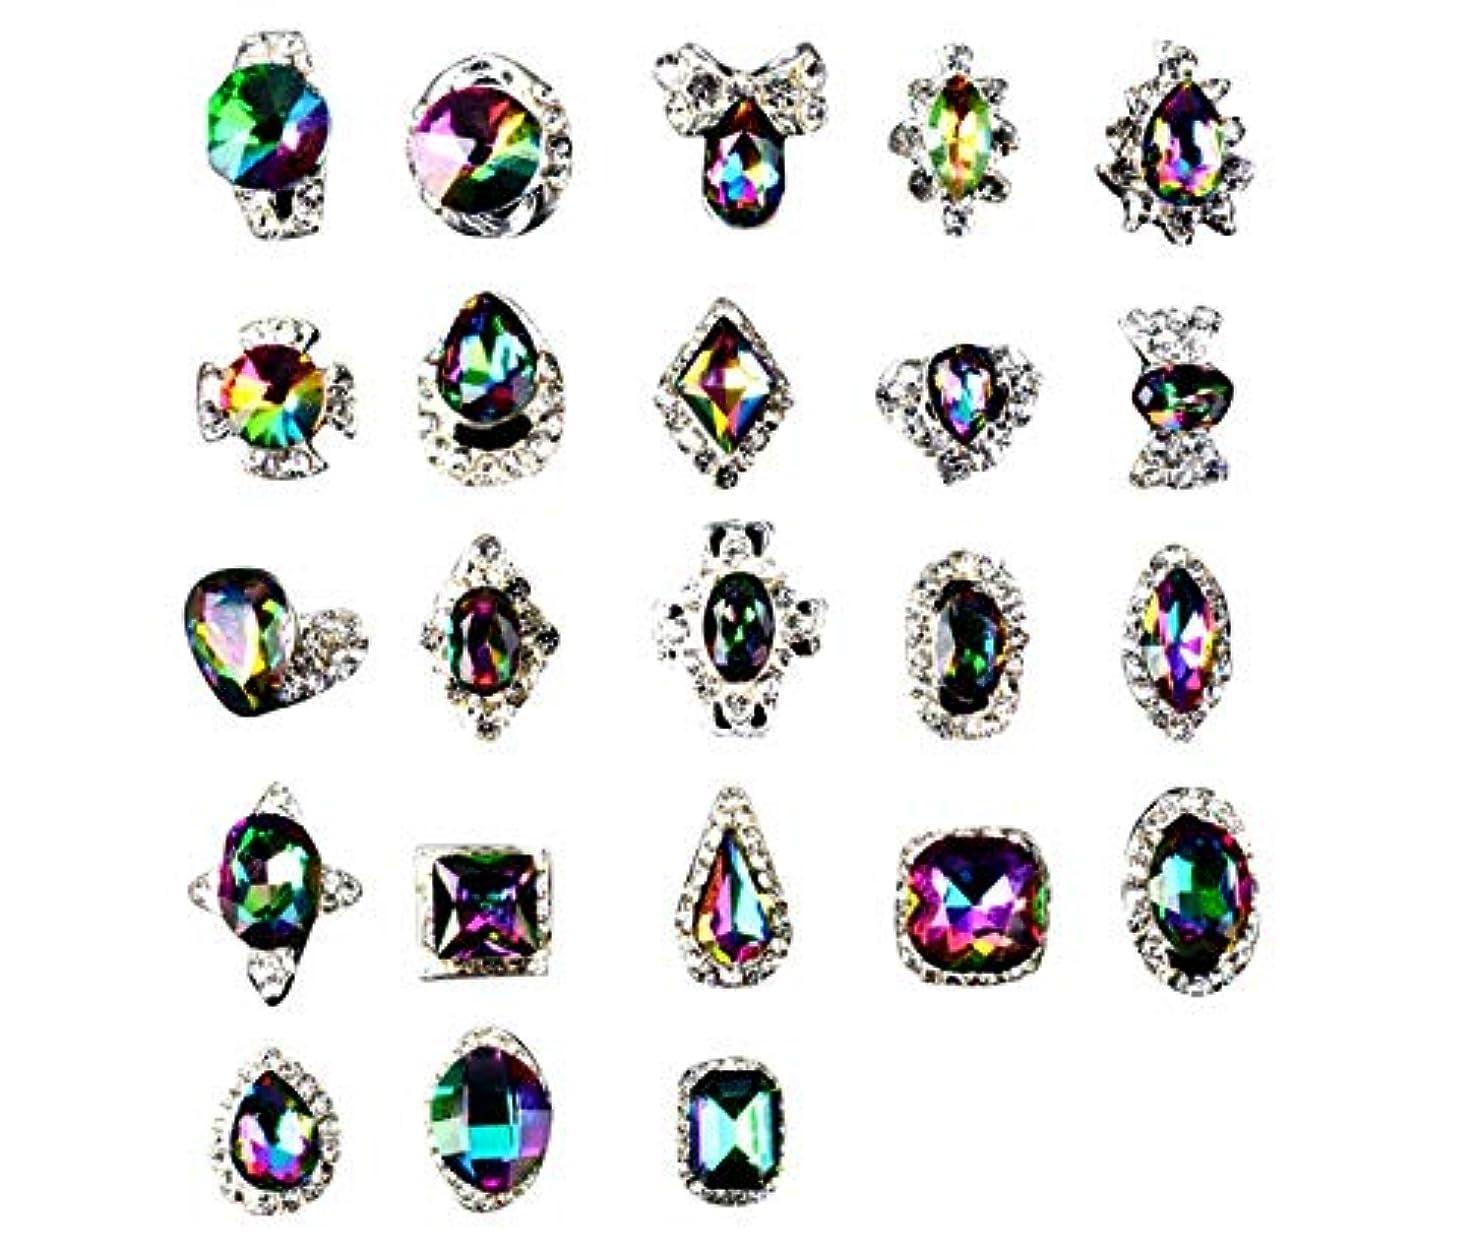 ためらうピンクさまようTianmey ラインストーンクリスタルガラス、金属宝石ストーンズマニキュアネイルアートデコレーショングリッターチャーミング3D DIYネイルアートのヒント